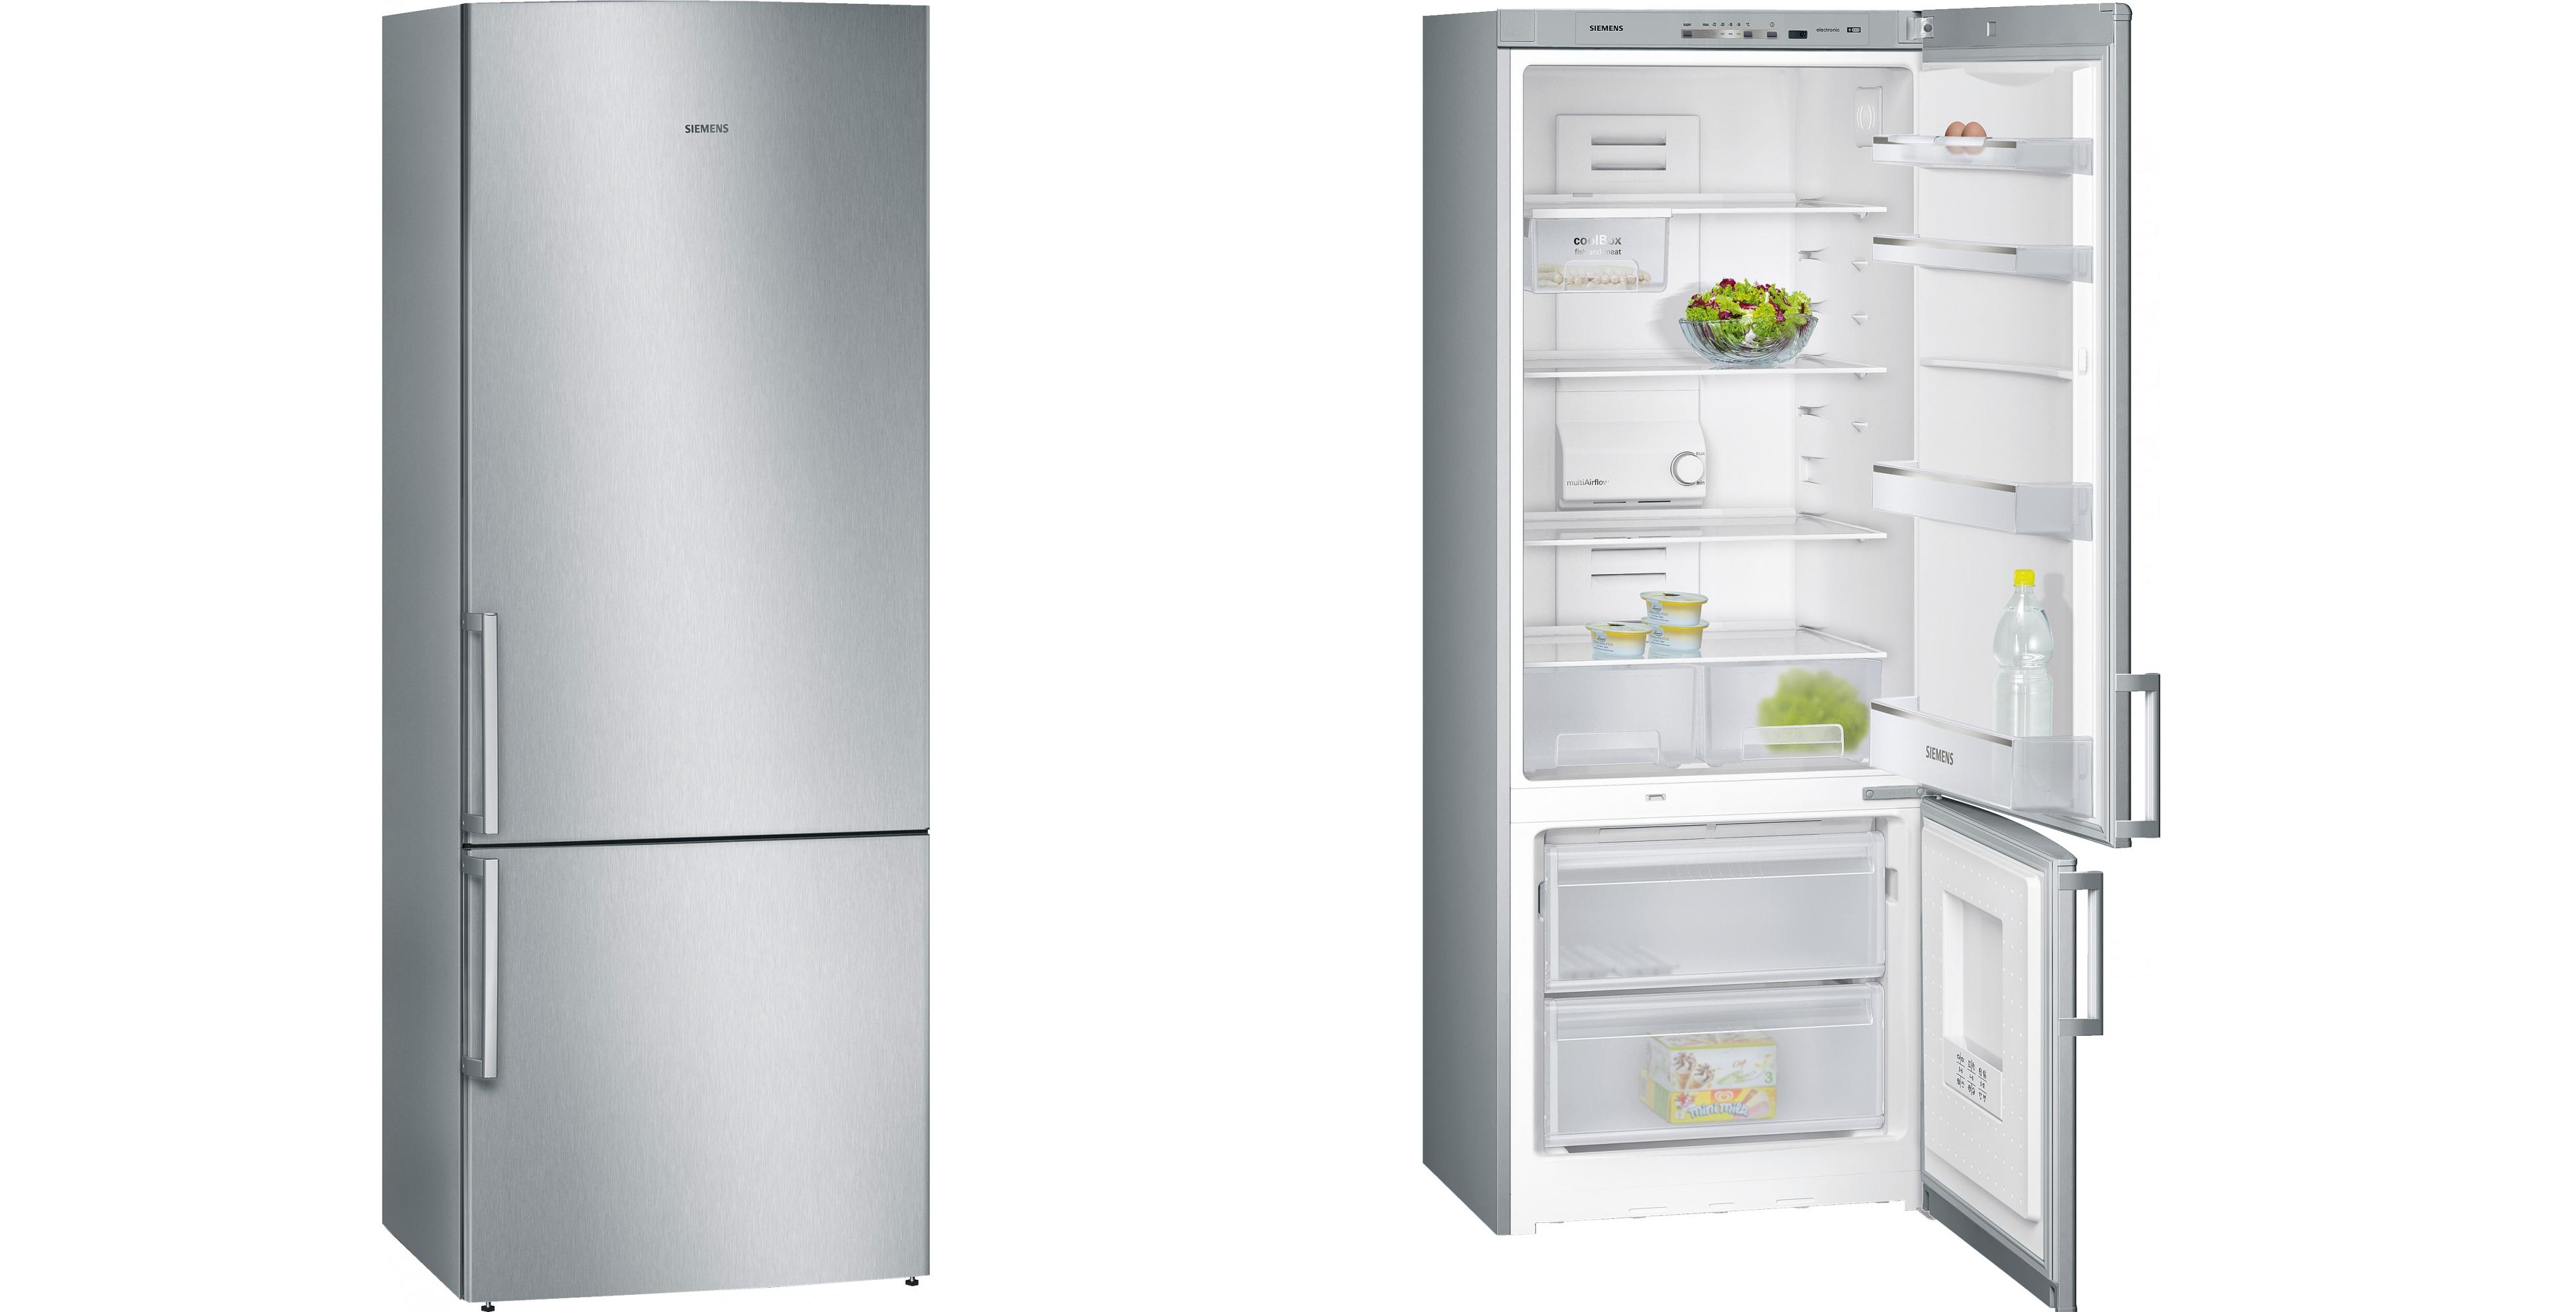 Холодильник Siemens KG57NVI20N